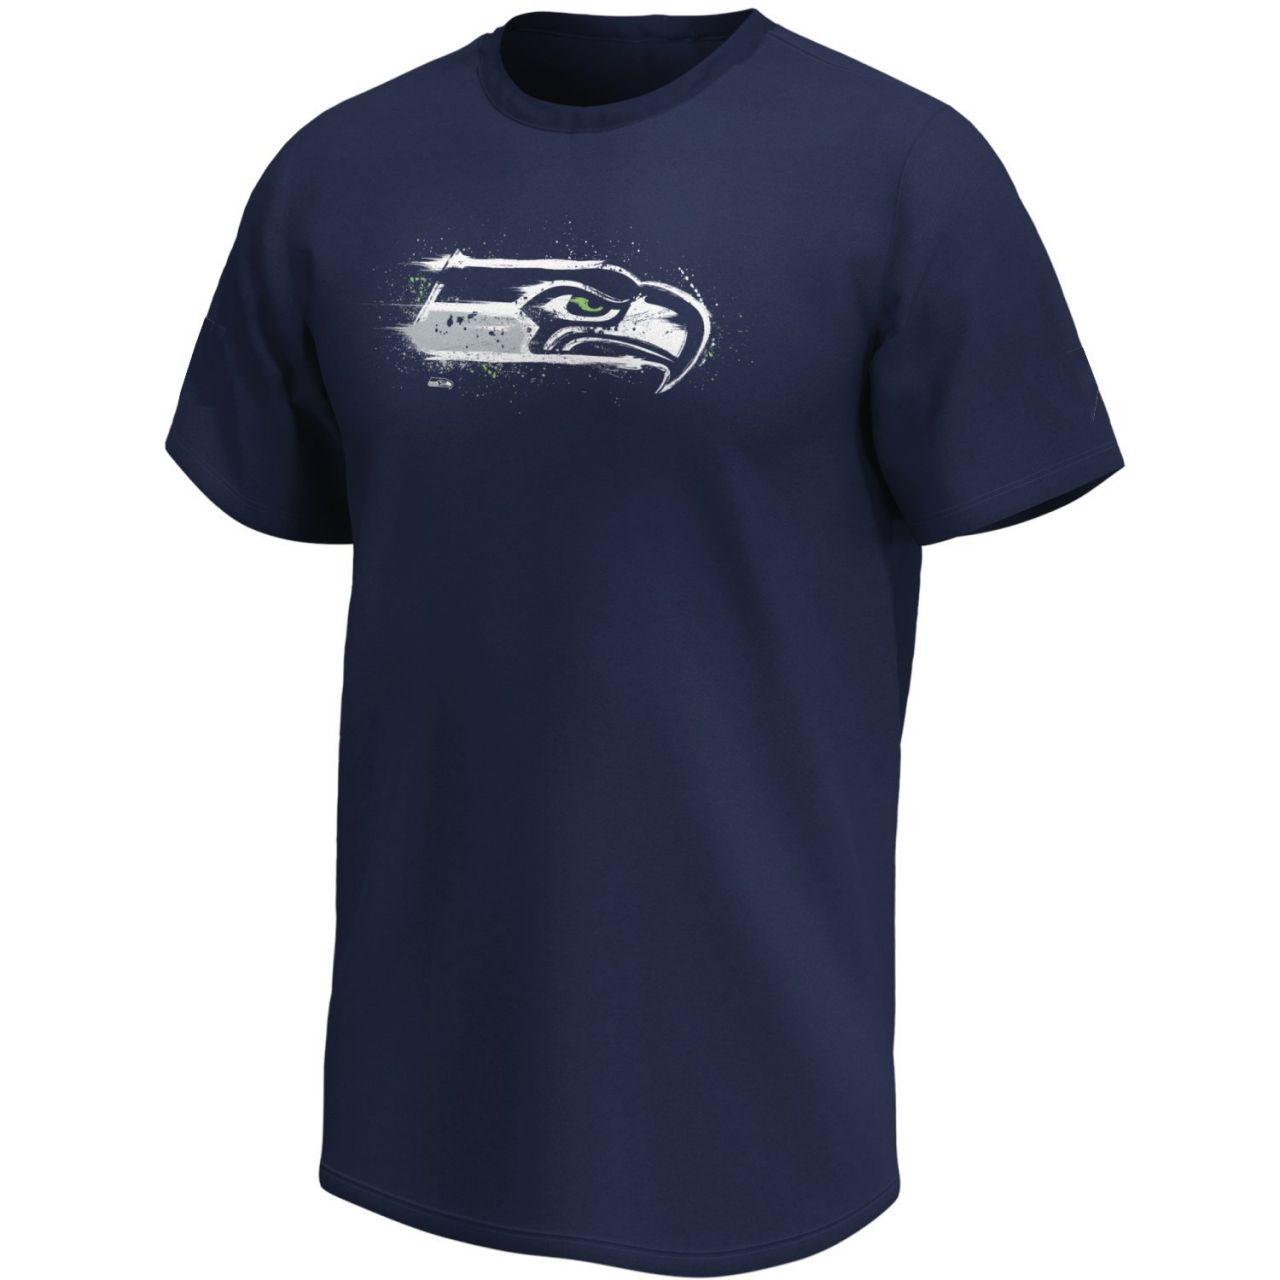 amfoo - Seattle Seahawks NFL Fan T-Shirt Splatter Logo navy